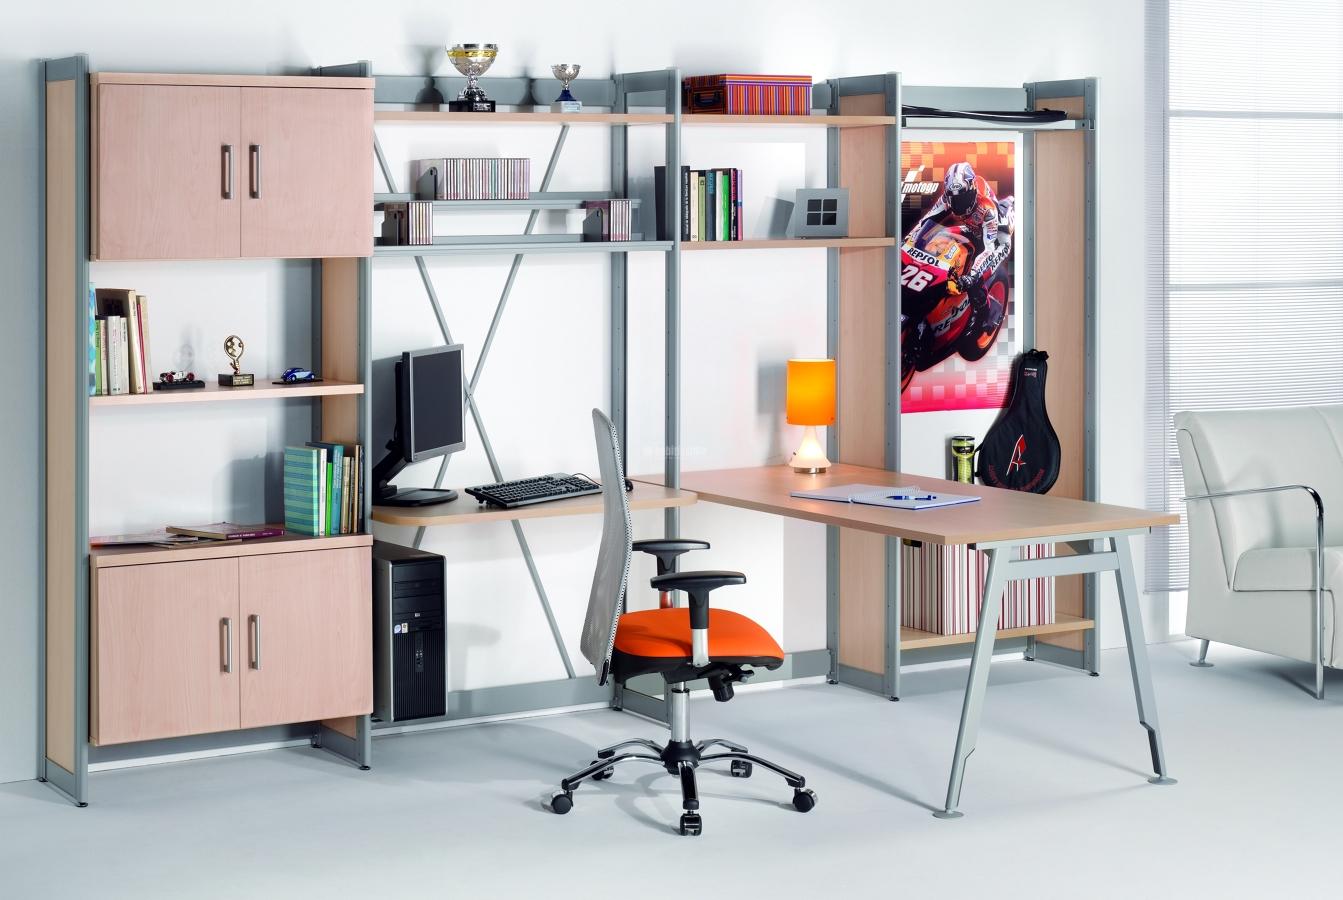 Reformas Viviendas, Muebles Oficina, Muebles Cocina Baño